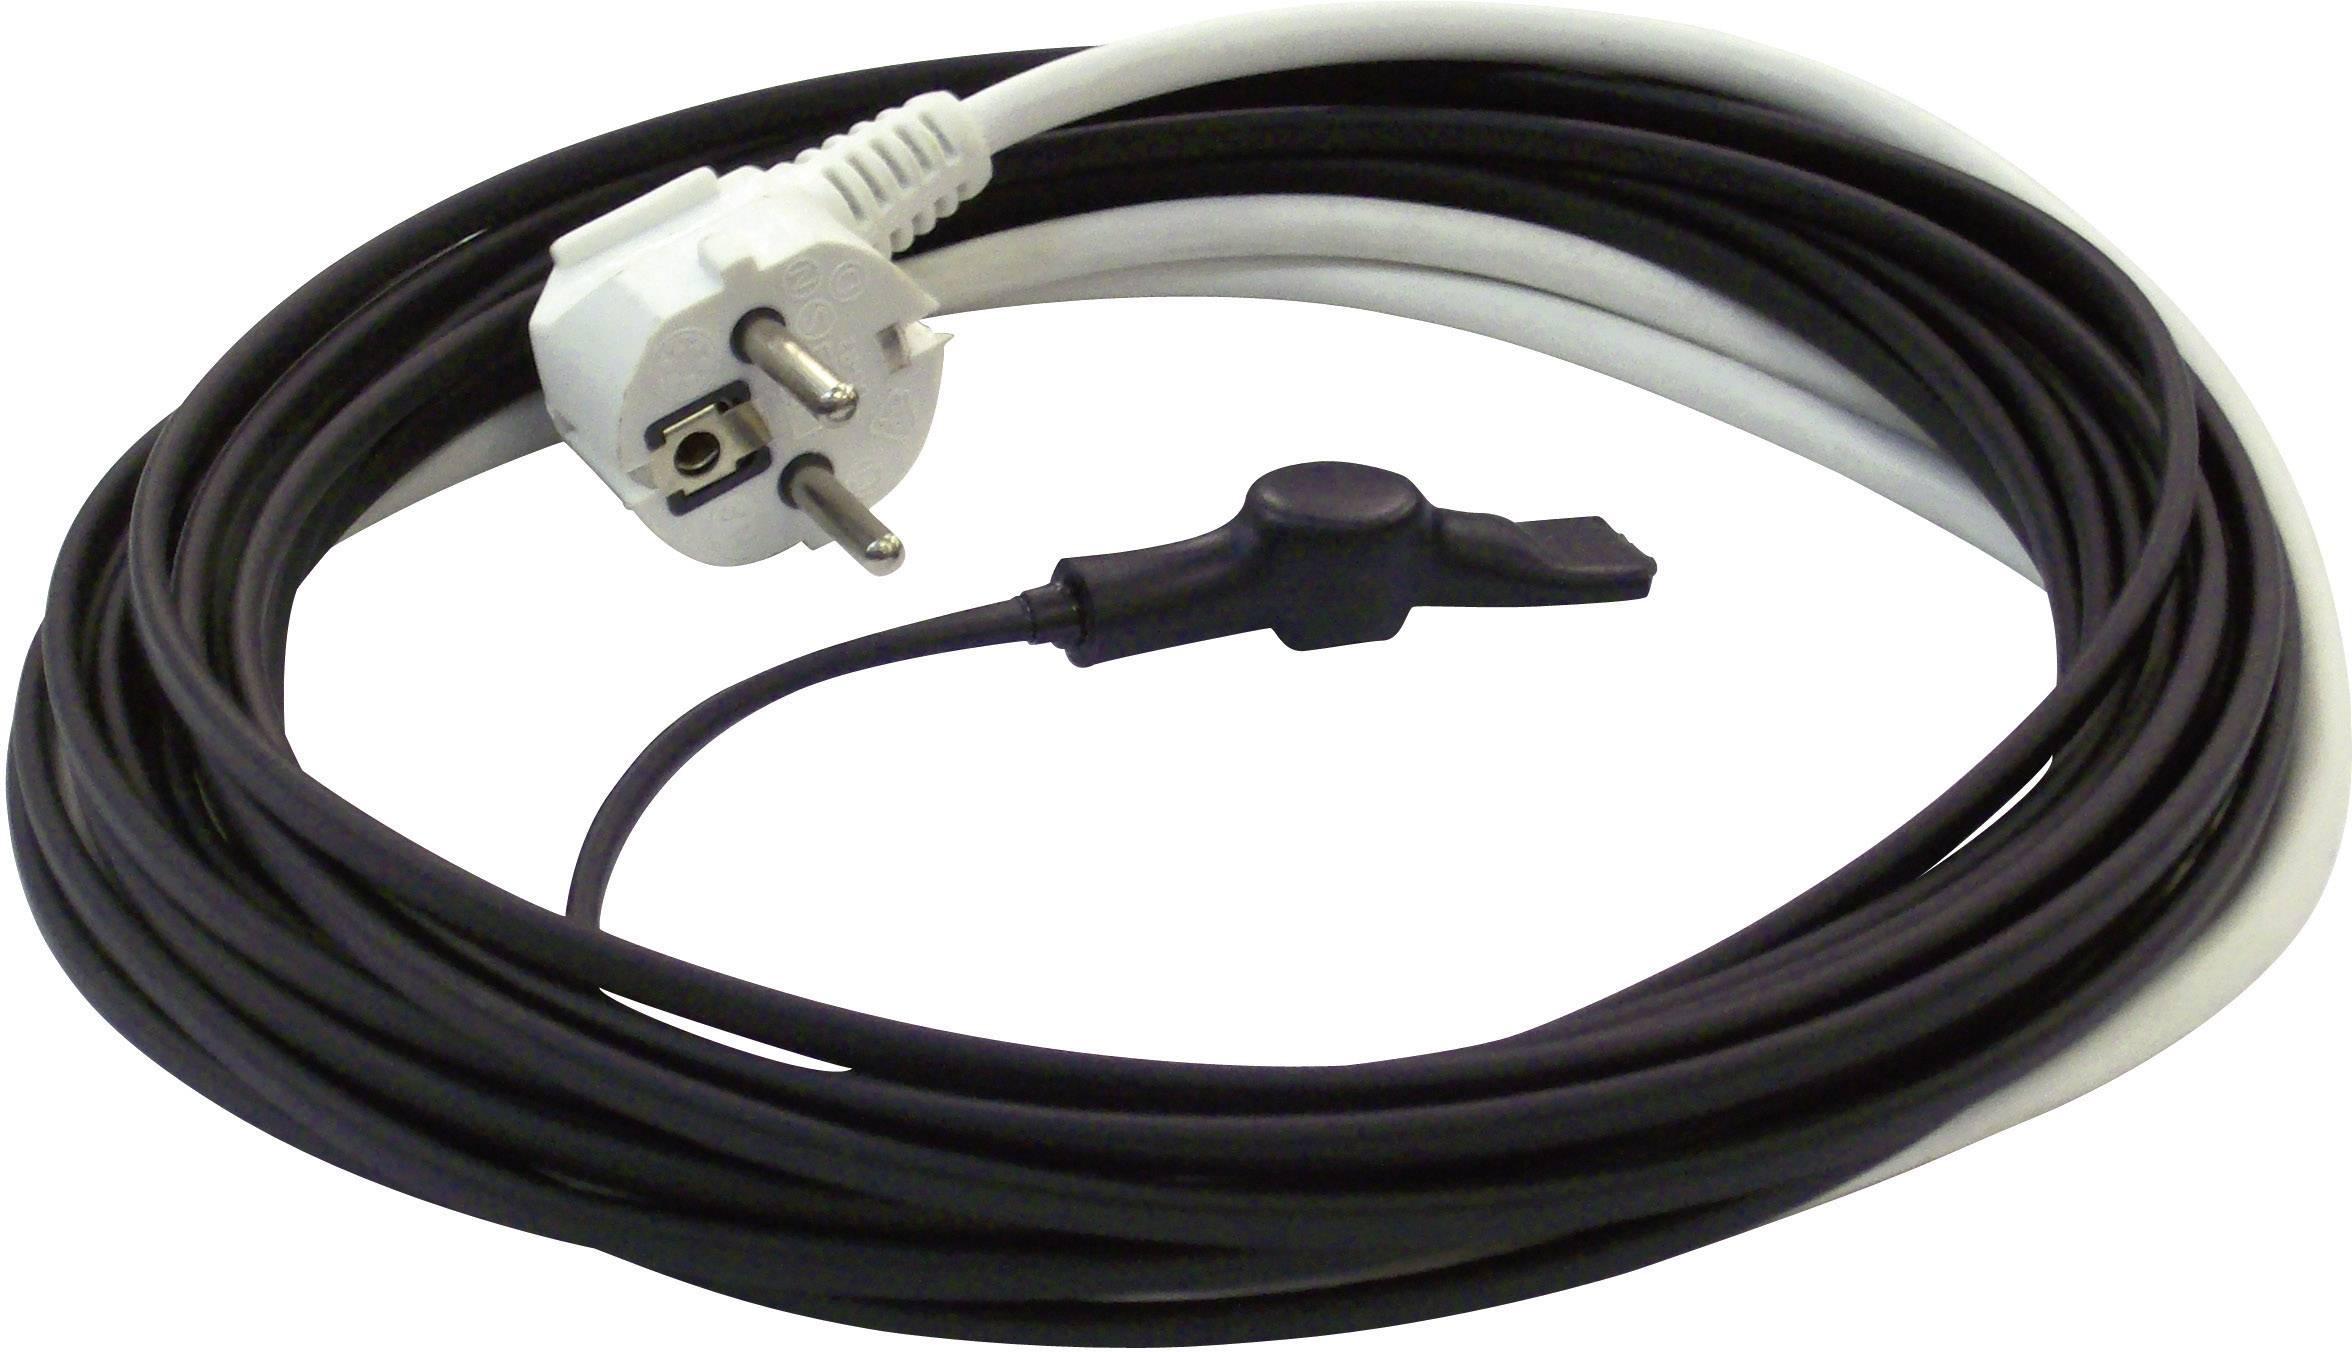 Vykurovací kábel s ochranným termostatem Arnold Rak HK-2,5-F, 37 W, 2.5 m